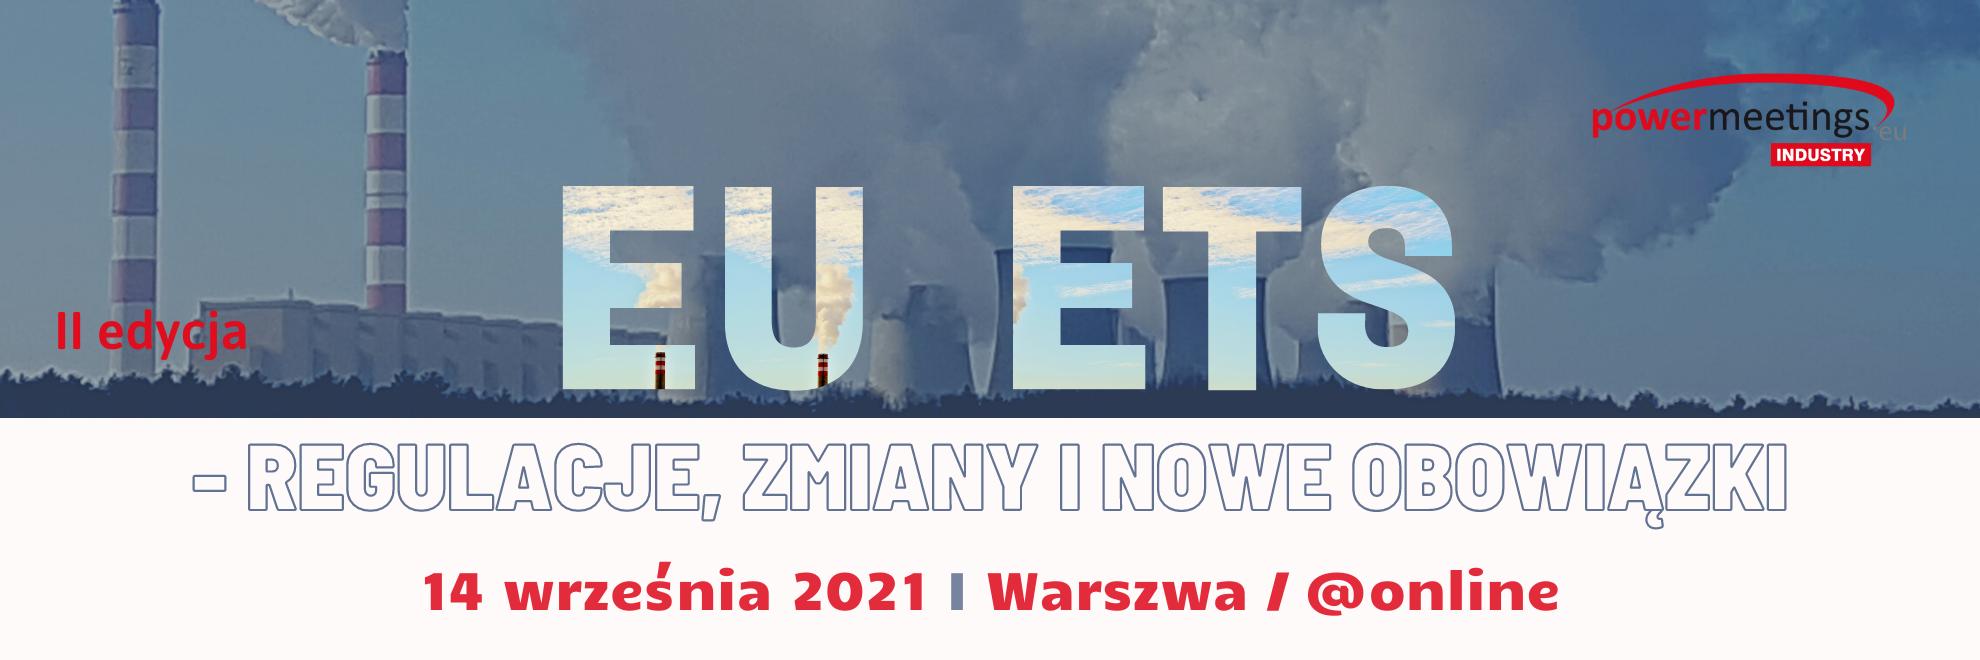 System EU ETS – regulacje, zmiany i nowe obowiązki wrzesień 2021